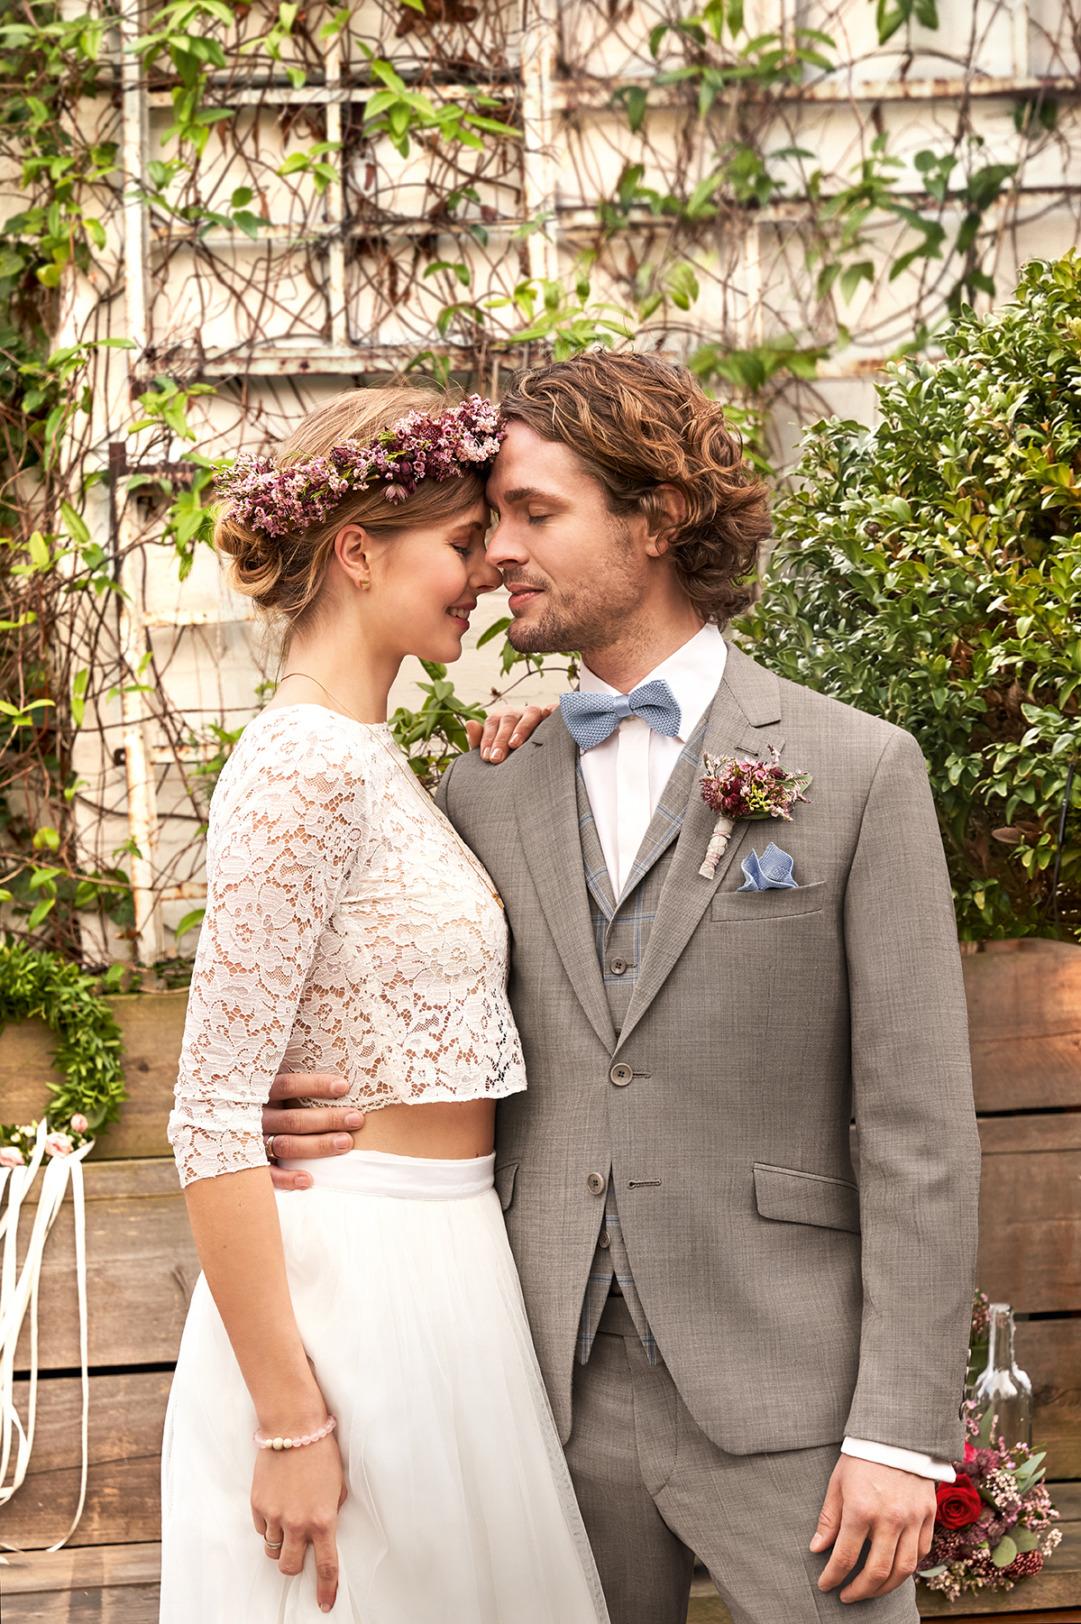 Wilvorst Green Wedding Hochzeitsanzug Männer Mode Bräutigam klassische Form vintage boho Stil naturfarben braun leichtes Karo Zweiknopf passende Weste karriert Fliege hellblau